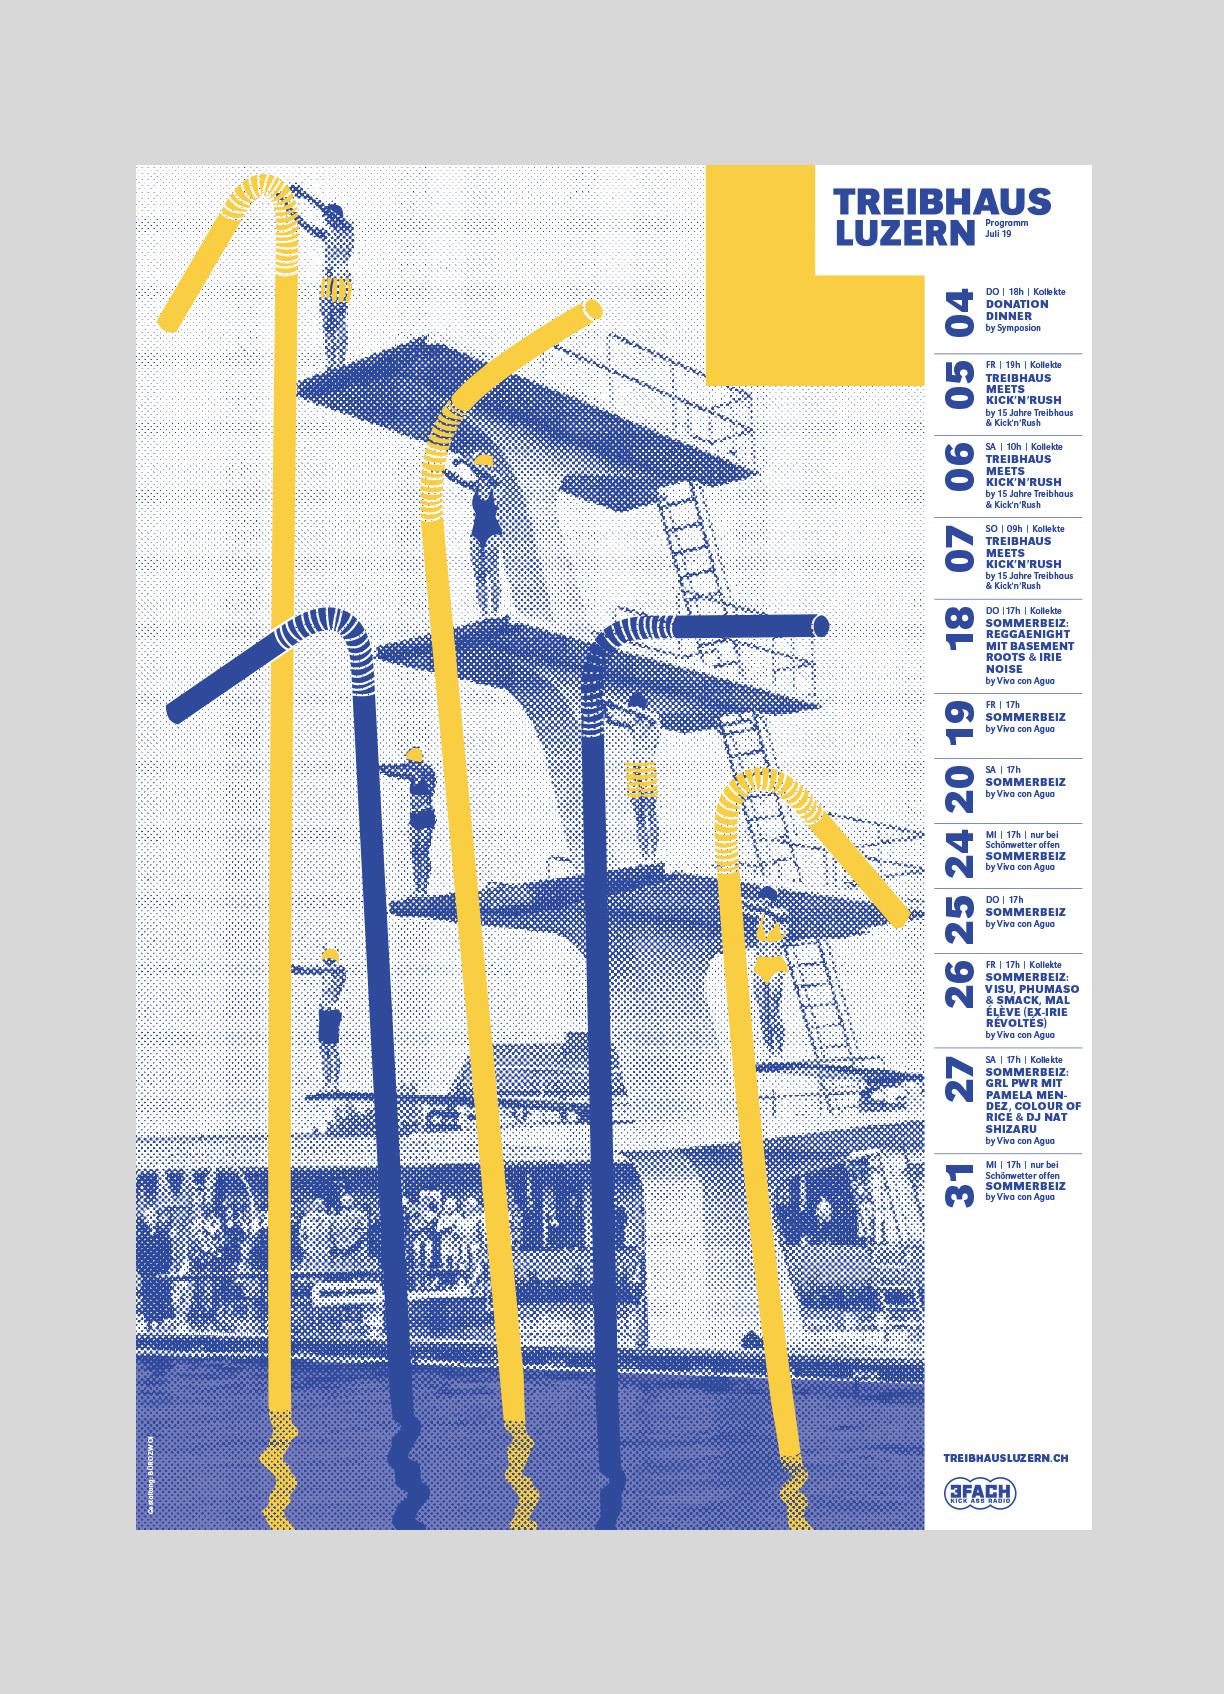 Treibhaus – Monatsplakat Juli   2019   Jugendhaus Luzern, Plakate jeweils von verschiedenen Grafikern gestaltet.